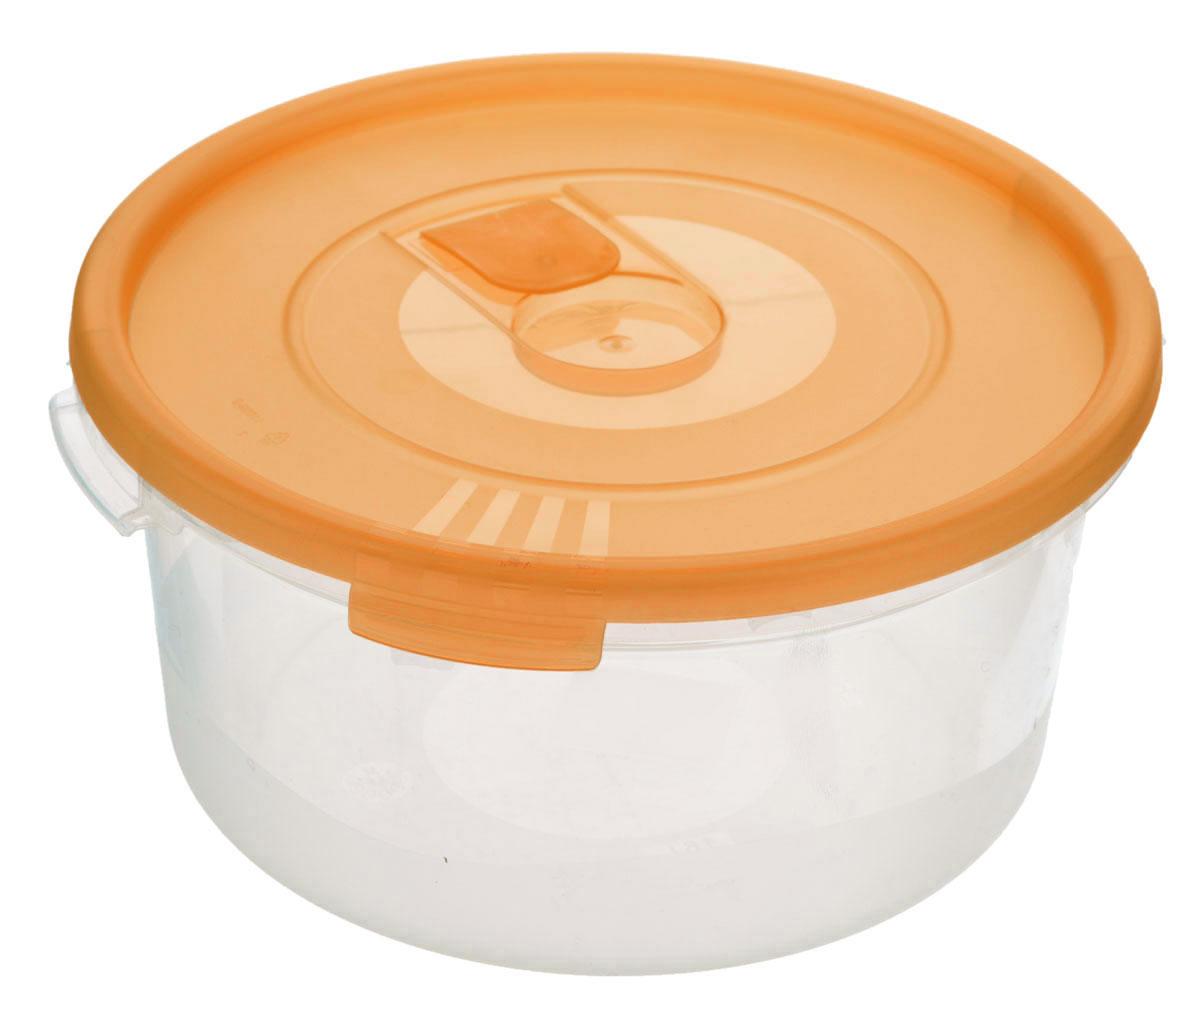 Контейнер Полимербыт Смайл, цвет: прозрачный, оранжевый, 1,6 лVT-1520(SR)Контейнер Полимербыт Смайл круглой формы, изготовленный из прочного пластика, предназначен специально для хранения пищевых продуктов. Контейнер оснащен герметичной крышкой со специальным клапаном, благодаря которому внутри создается вакуум, и продукты дольше сохраняют свежесть и аромат. Крышка легко открывается и плотно закрывается.Стенки контейнера прозрачные - хорошо видно, что внутри. Контейнер устойчив к воздействию масел и жиров, легко моется. Имеет возможность хранения продуктов глубокой заморозки, обладает высокой прочностью. Можно мыть в посудомоечной машине. Подходит для использования в микроволновых печах. Диаметр: 20 см. Высота (без крышки): 9 см.